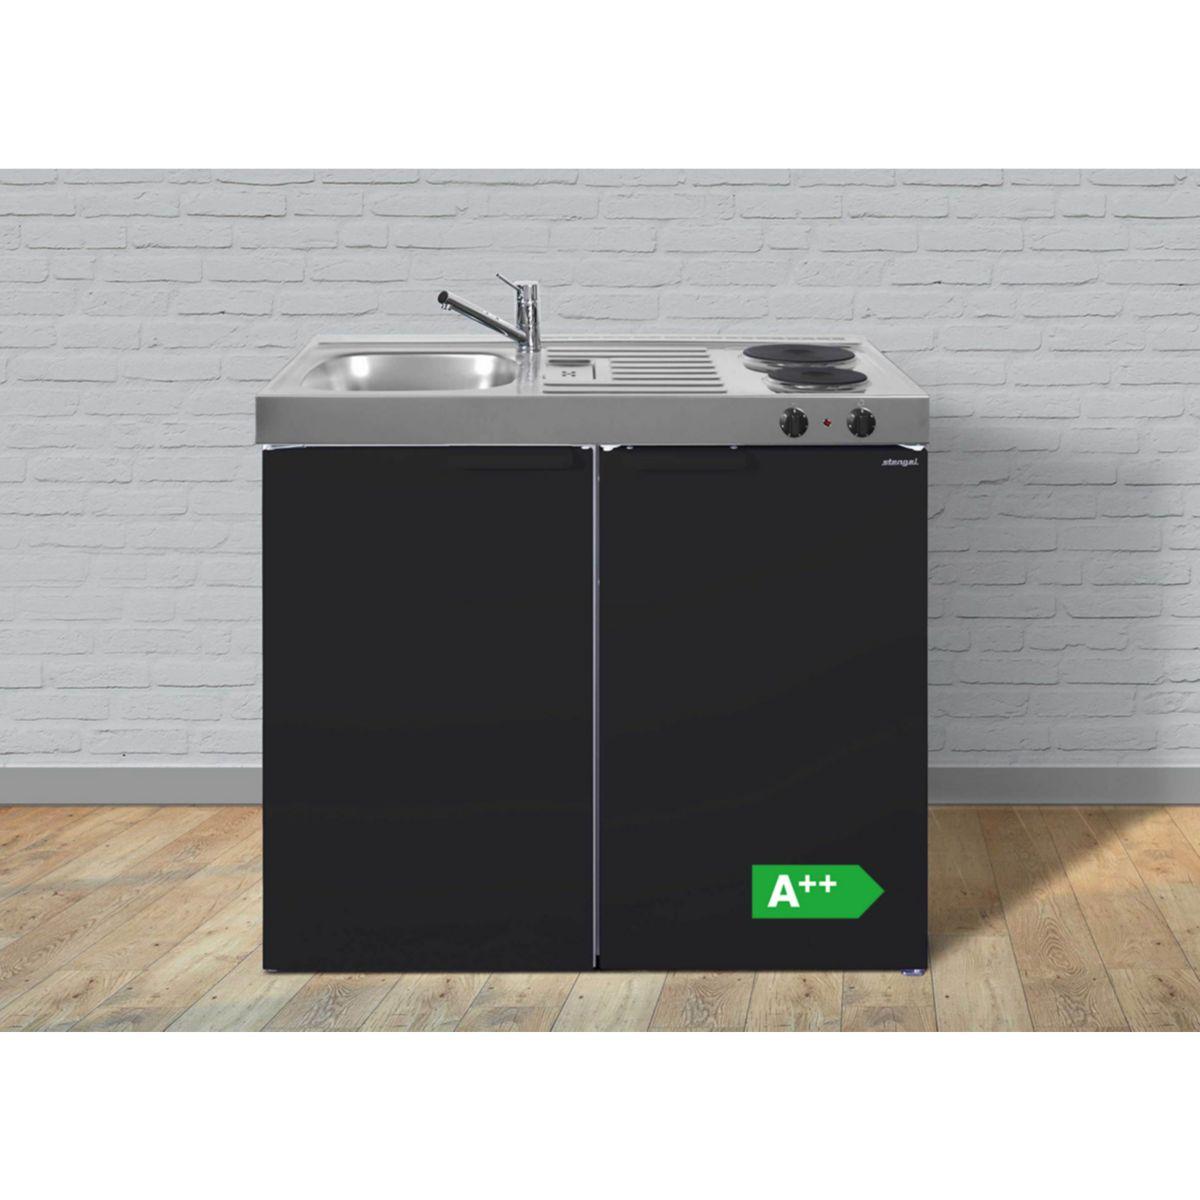 Stengel Küchen Kitchenline MKSM 100 Schwarz matt - Elektrokochfeld links